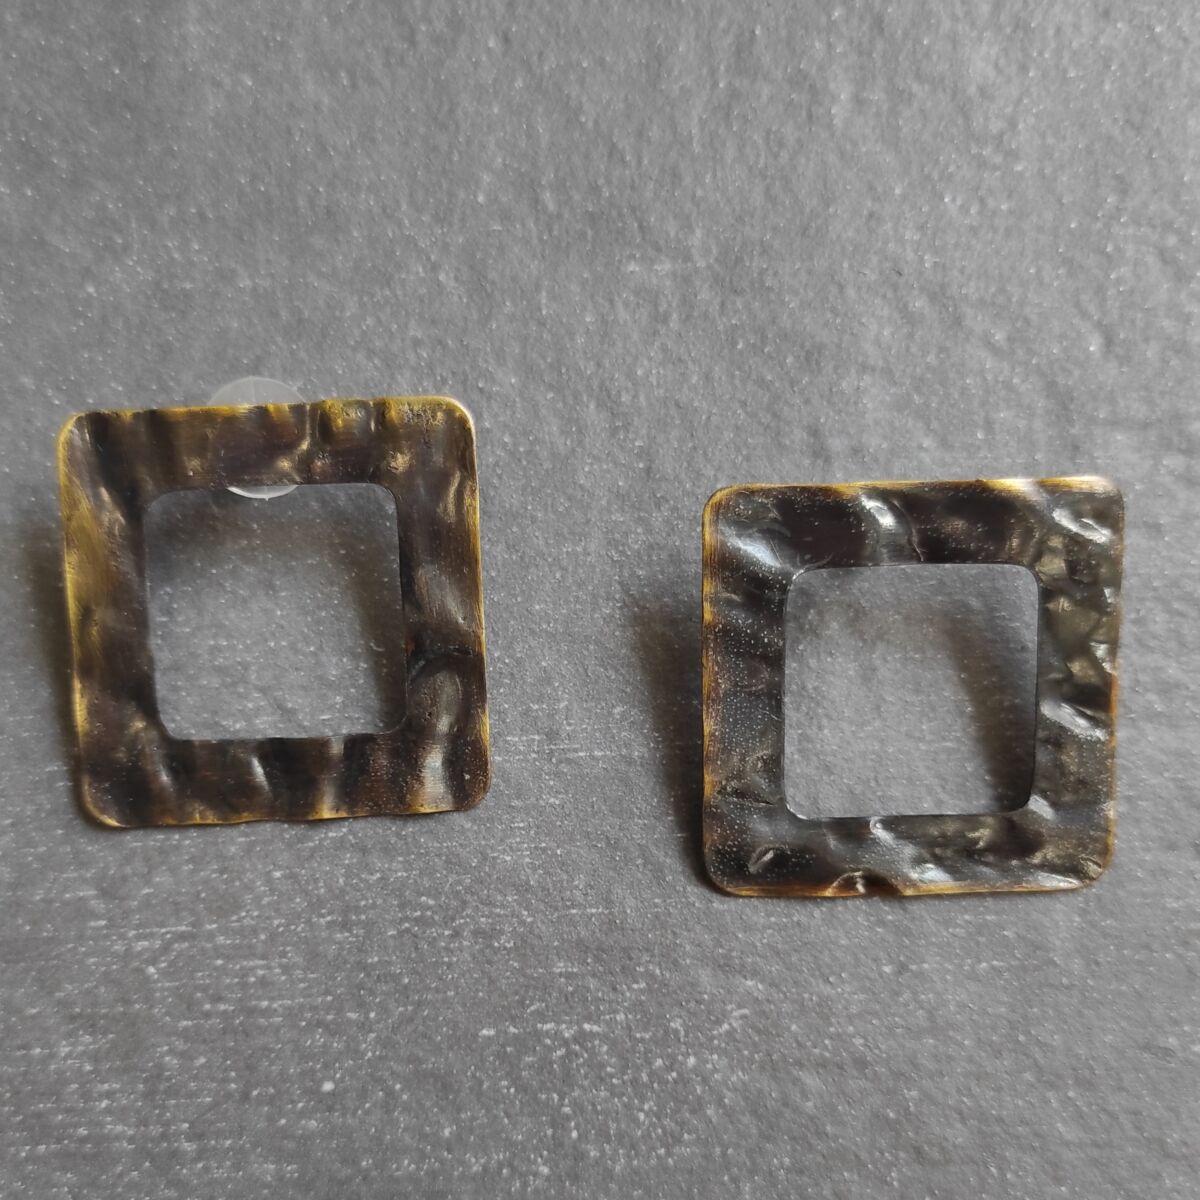 Τετράγωνα σκουλαρίκια Αξεσουάρ Ρούχα αξεσουάρ